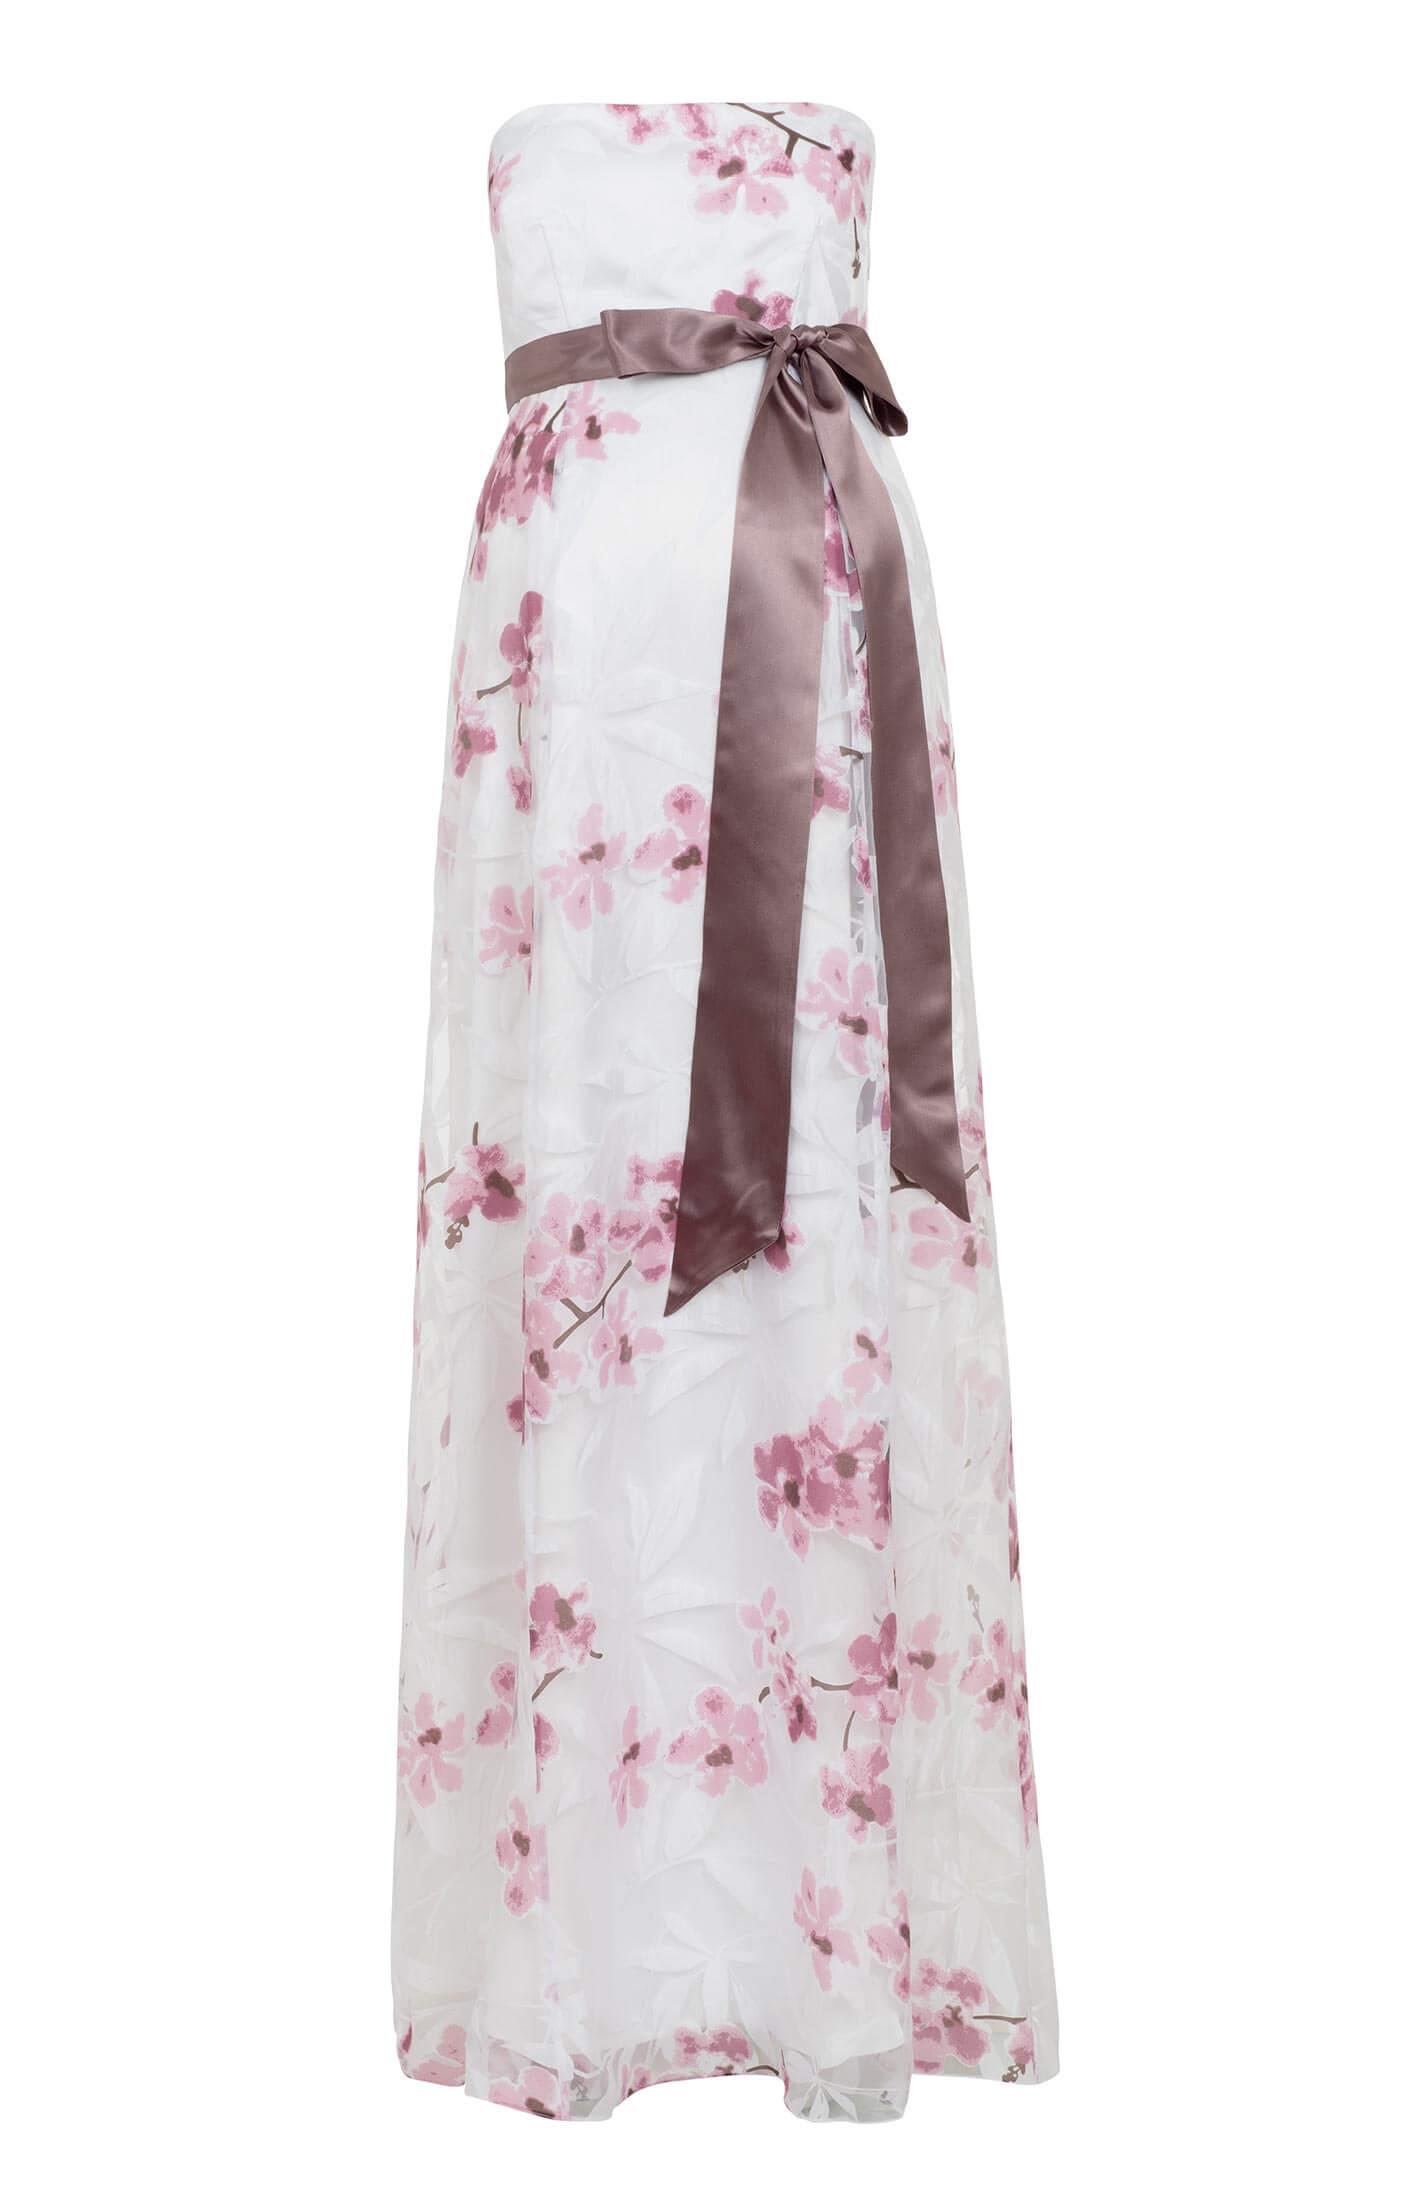 Umstandskleid Ocean Lang mit Kirschblüten Print by Tiffany Rose